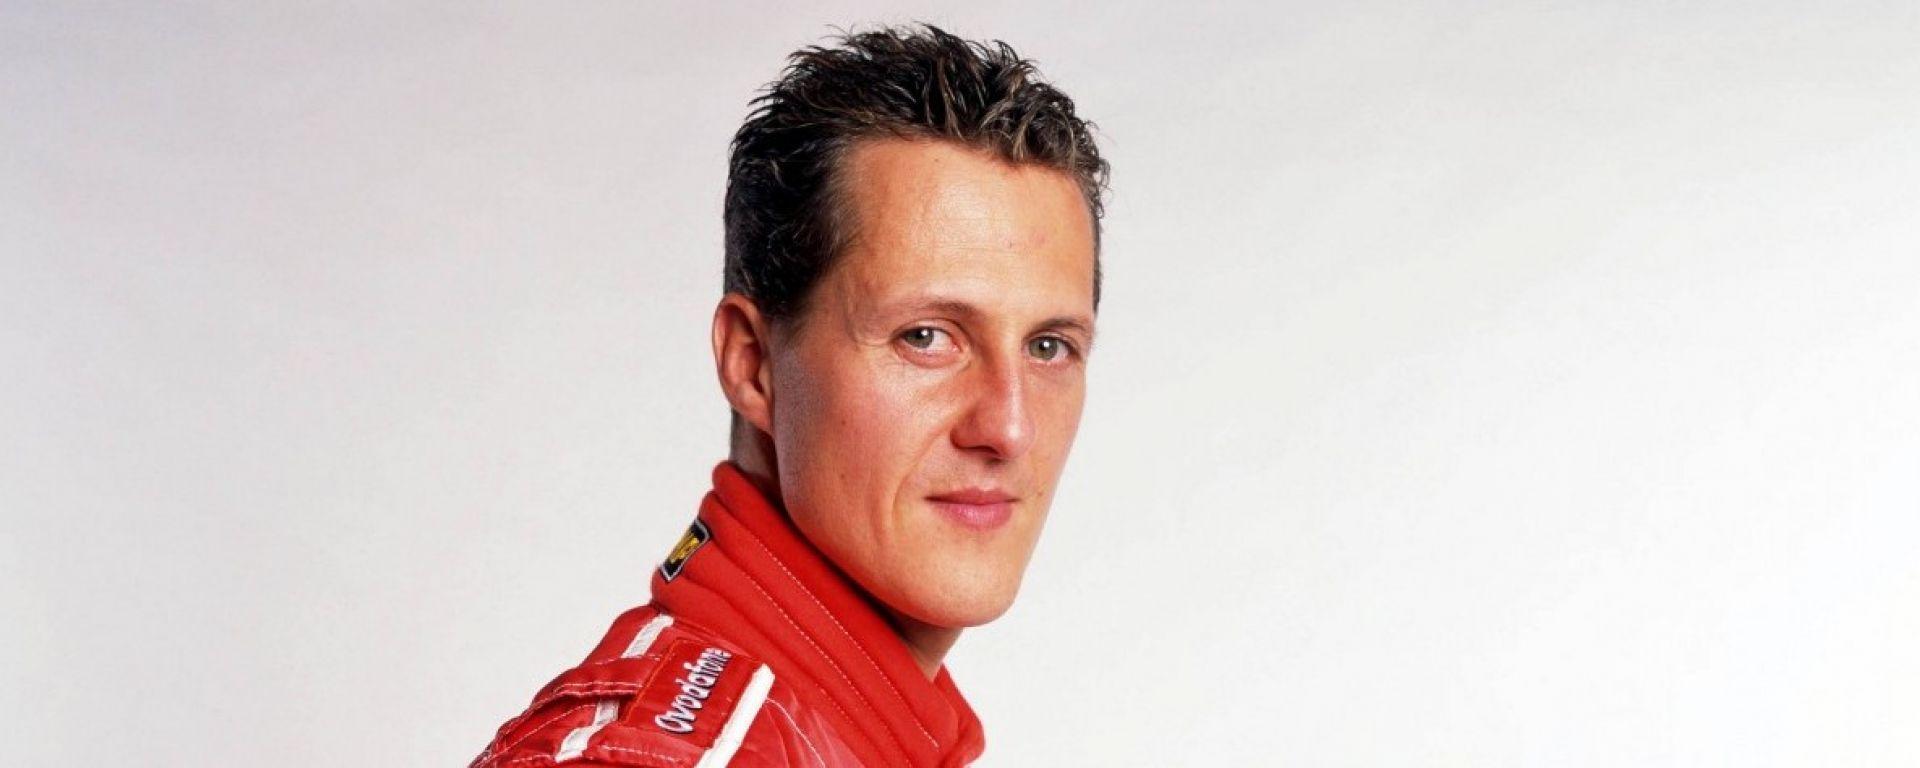 Michael Schumacher si è svegliato